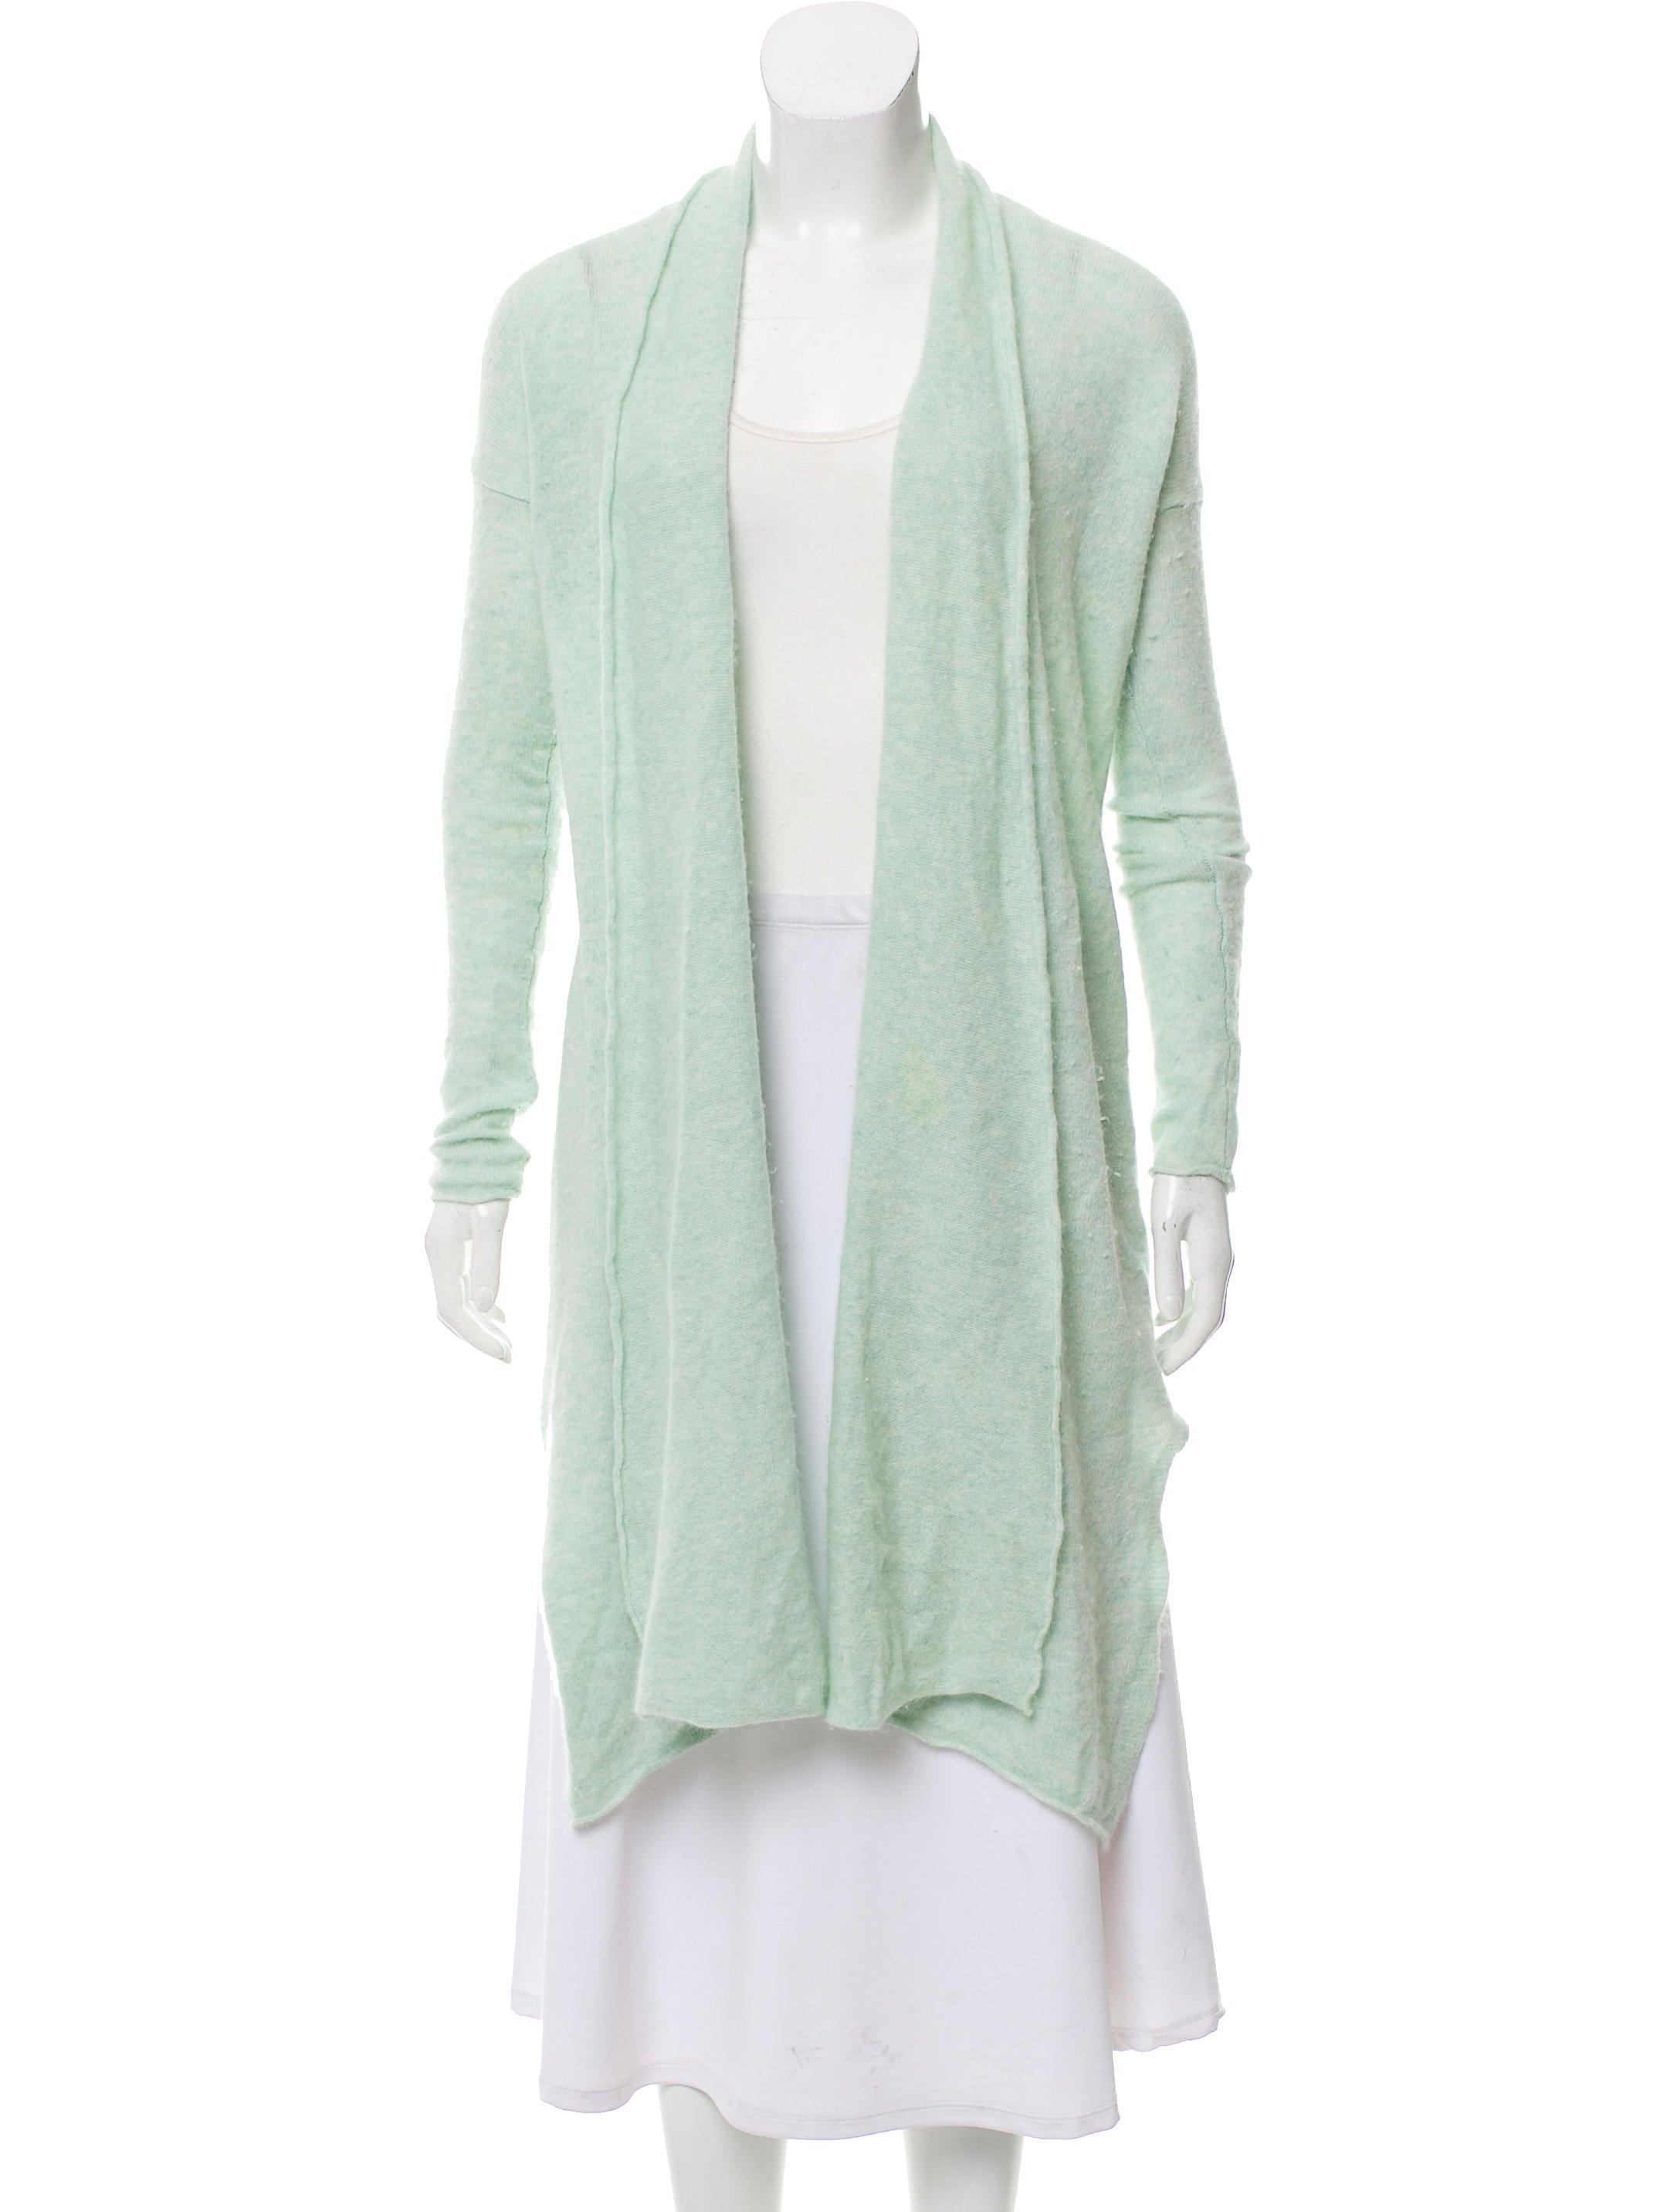 Calypso Cashmere Longline Cardigan - Clothing - WC827695  c2e341107b19f